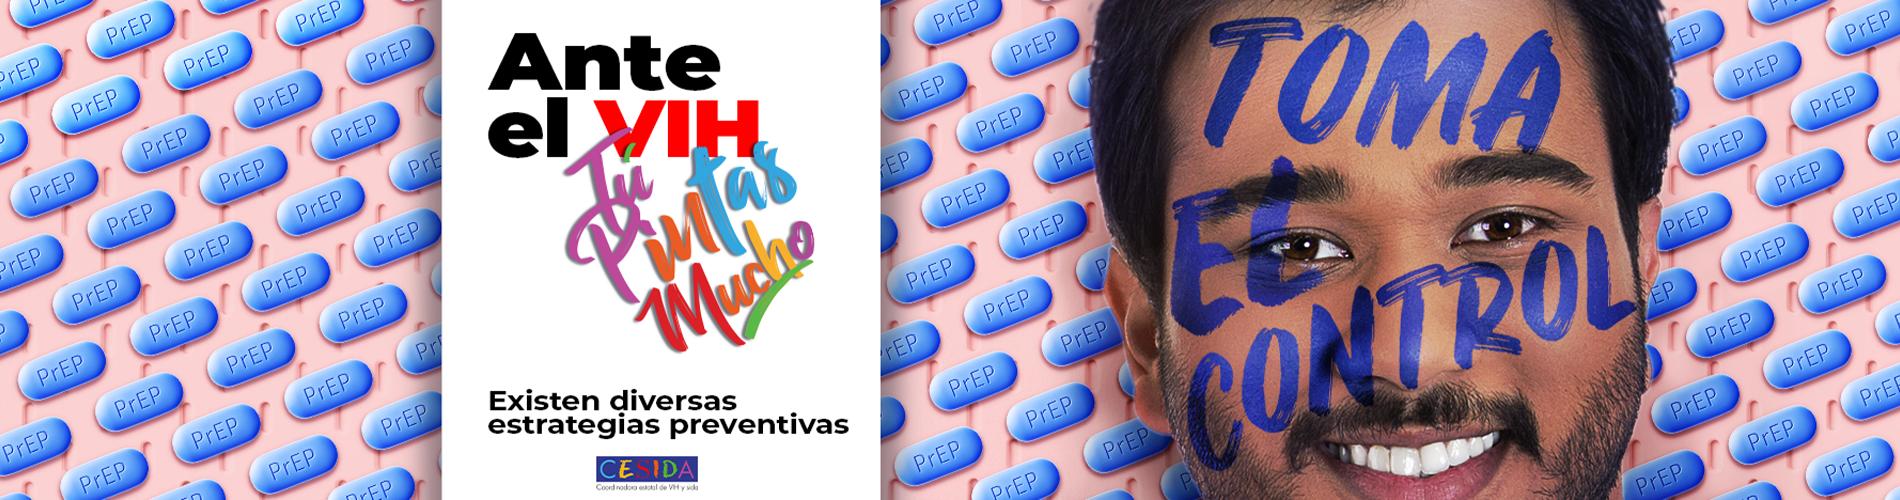 Campaña Ante el VIH Tú pintas mucho-banner